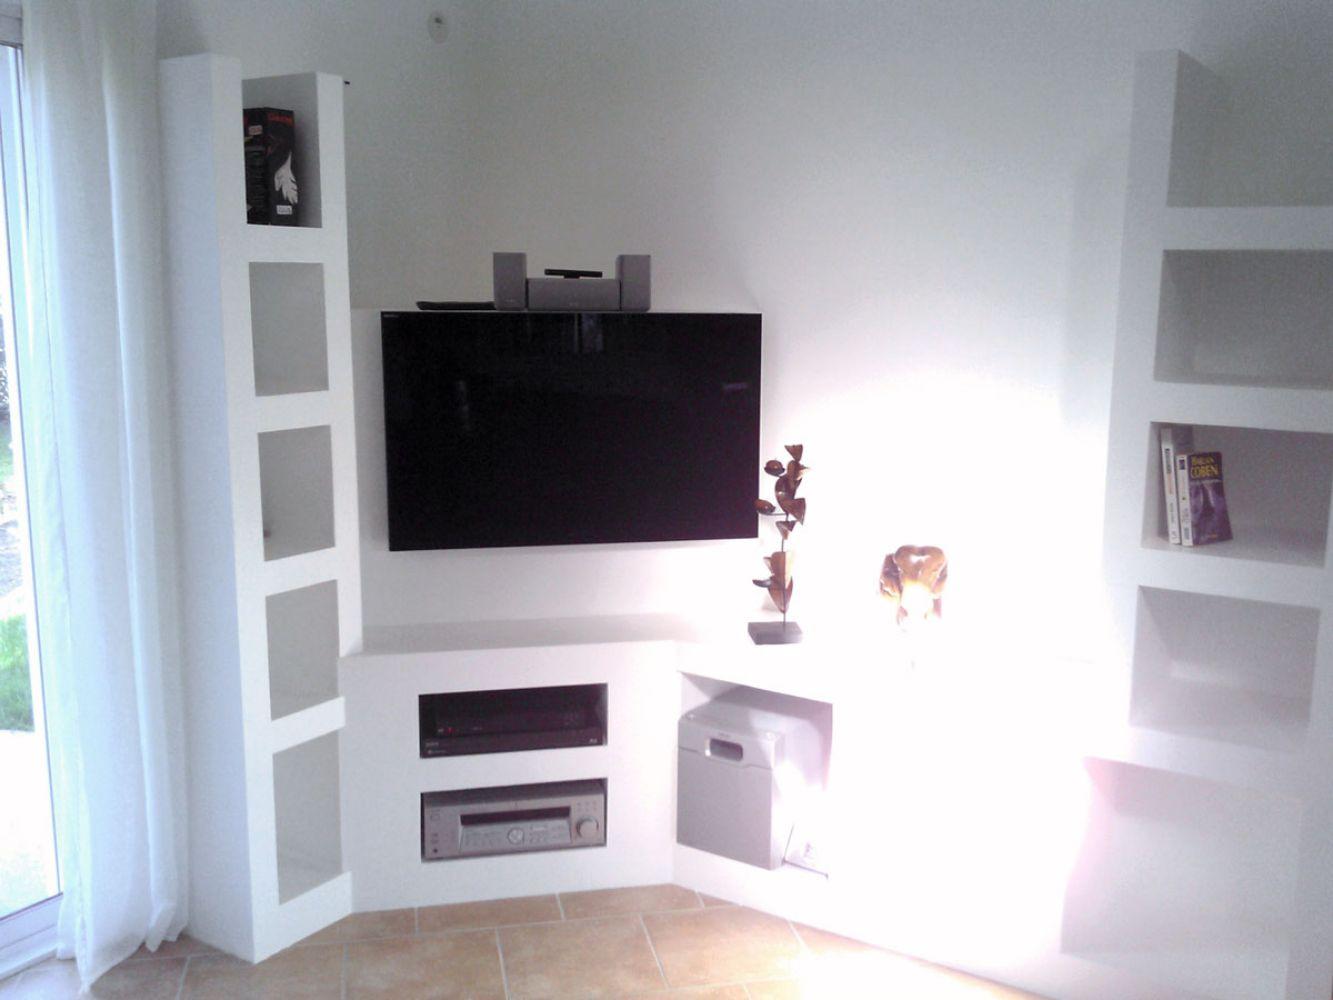 garde corps rangement cration duun gardecorps avec rangements intgrs de cloison porte. Black Bedroom Furniture Sets. Home Design Ideas